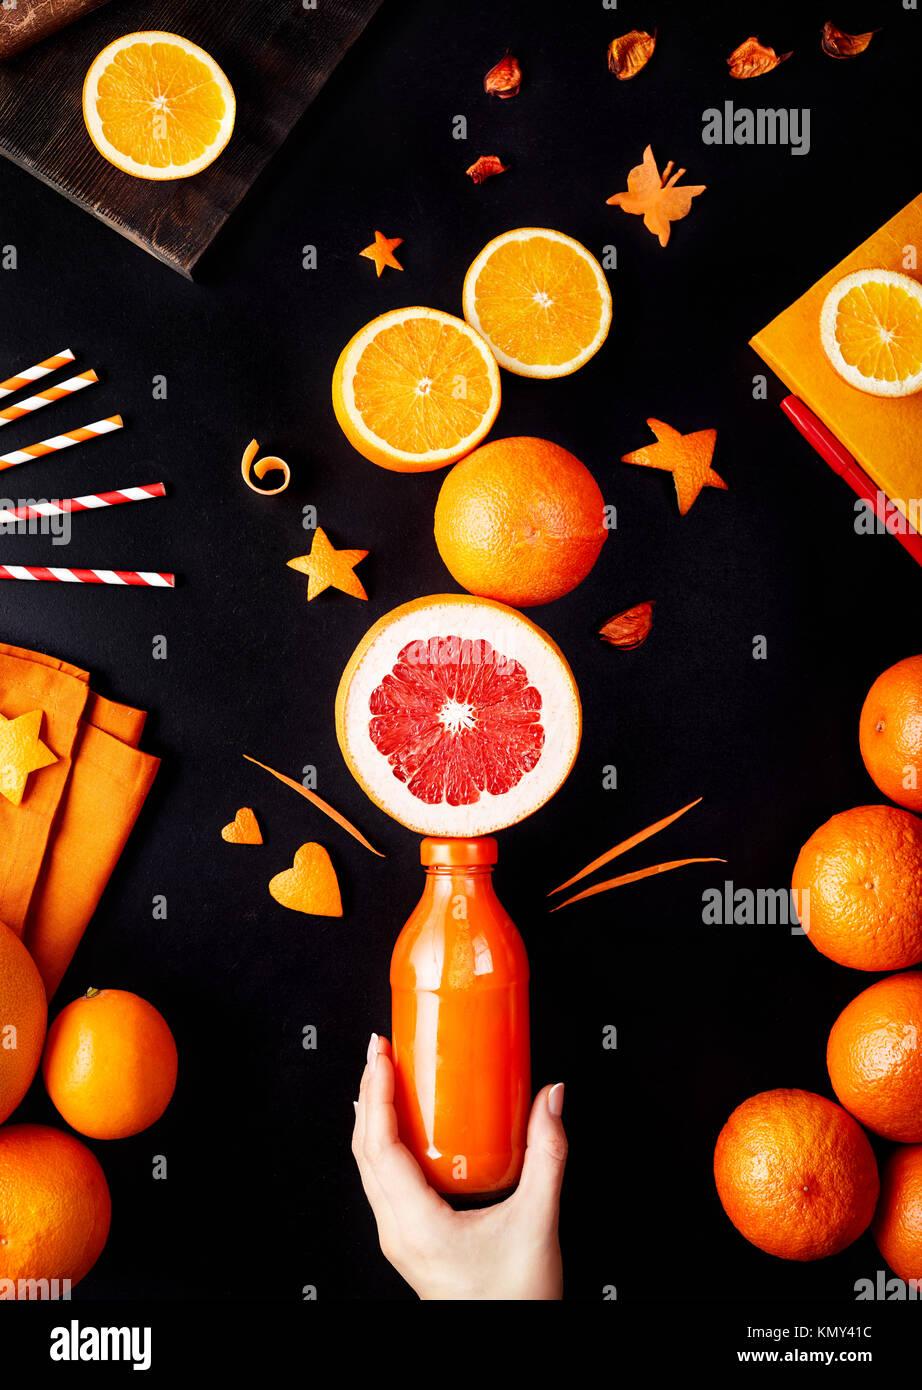 Detox fresco succo di arance, pompelmo e limone su sfondo nero flay lay Immagini Stock